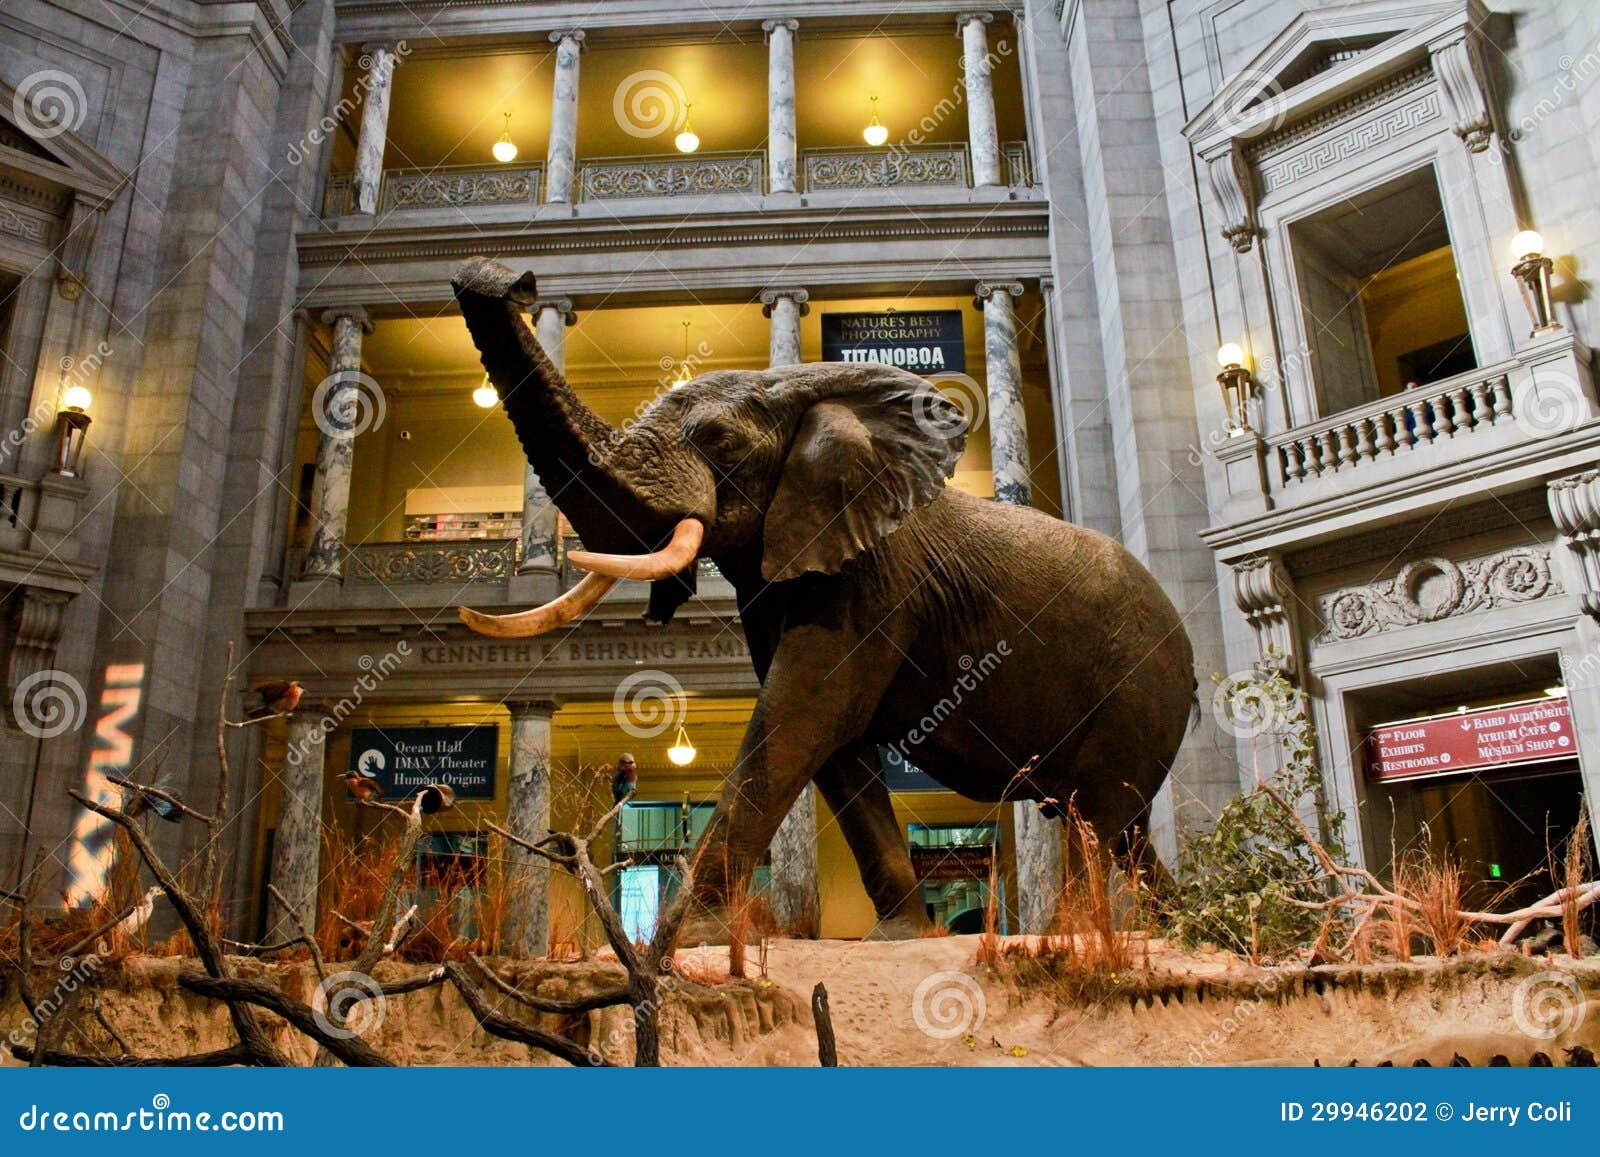 Natural History Museum Dc Displays